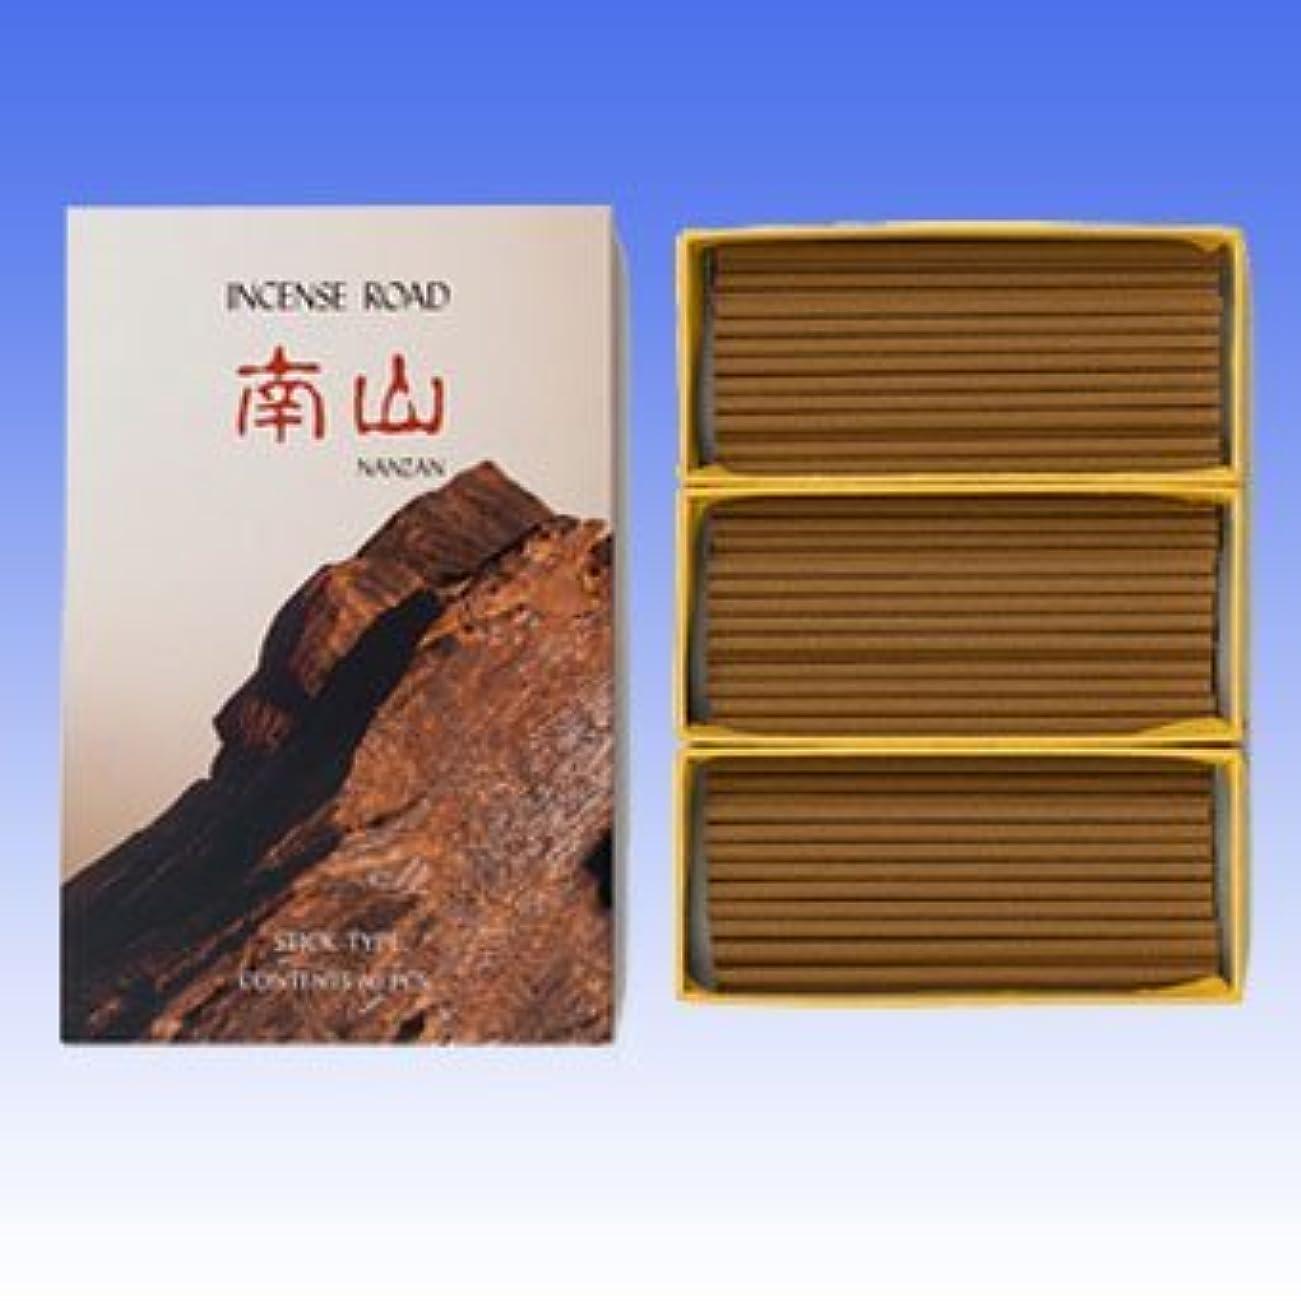 含める地上の山インセンスロード 南山 スティック 240本入 松栄堂 日本製